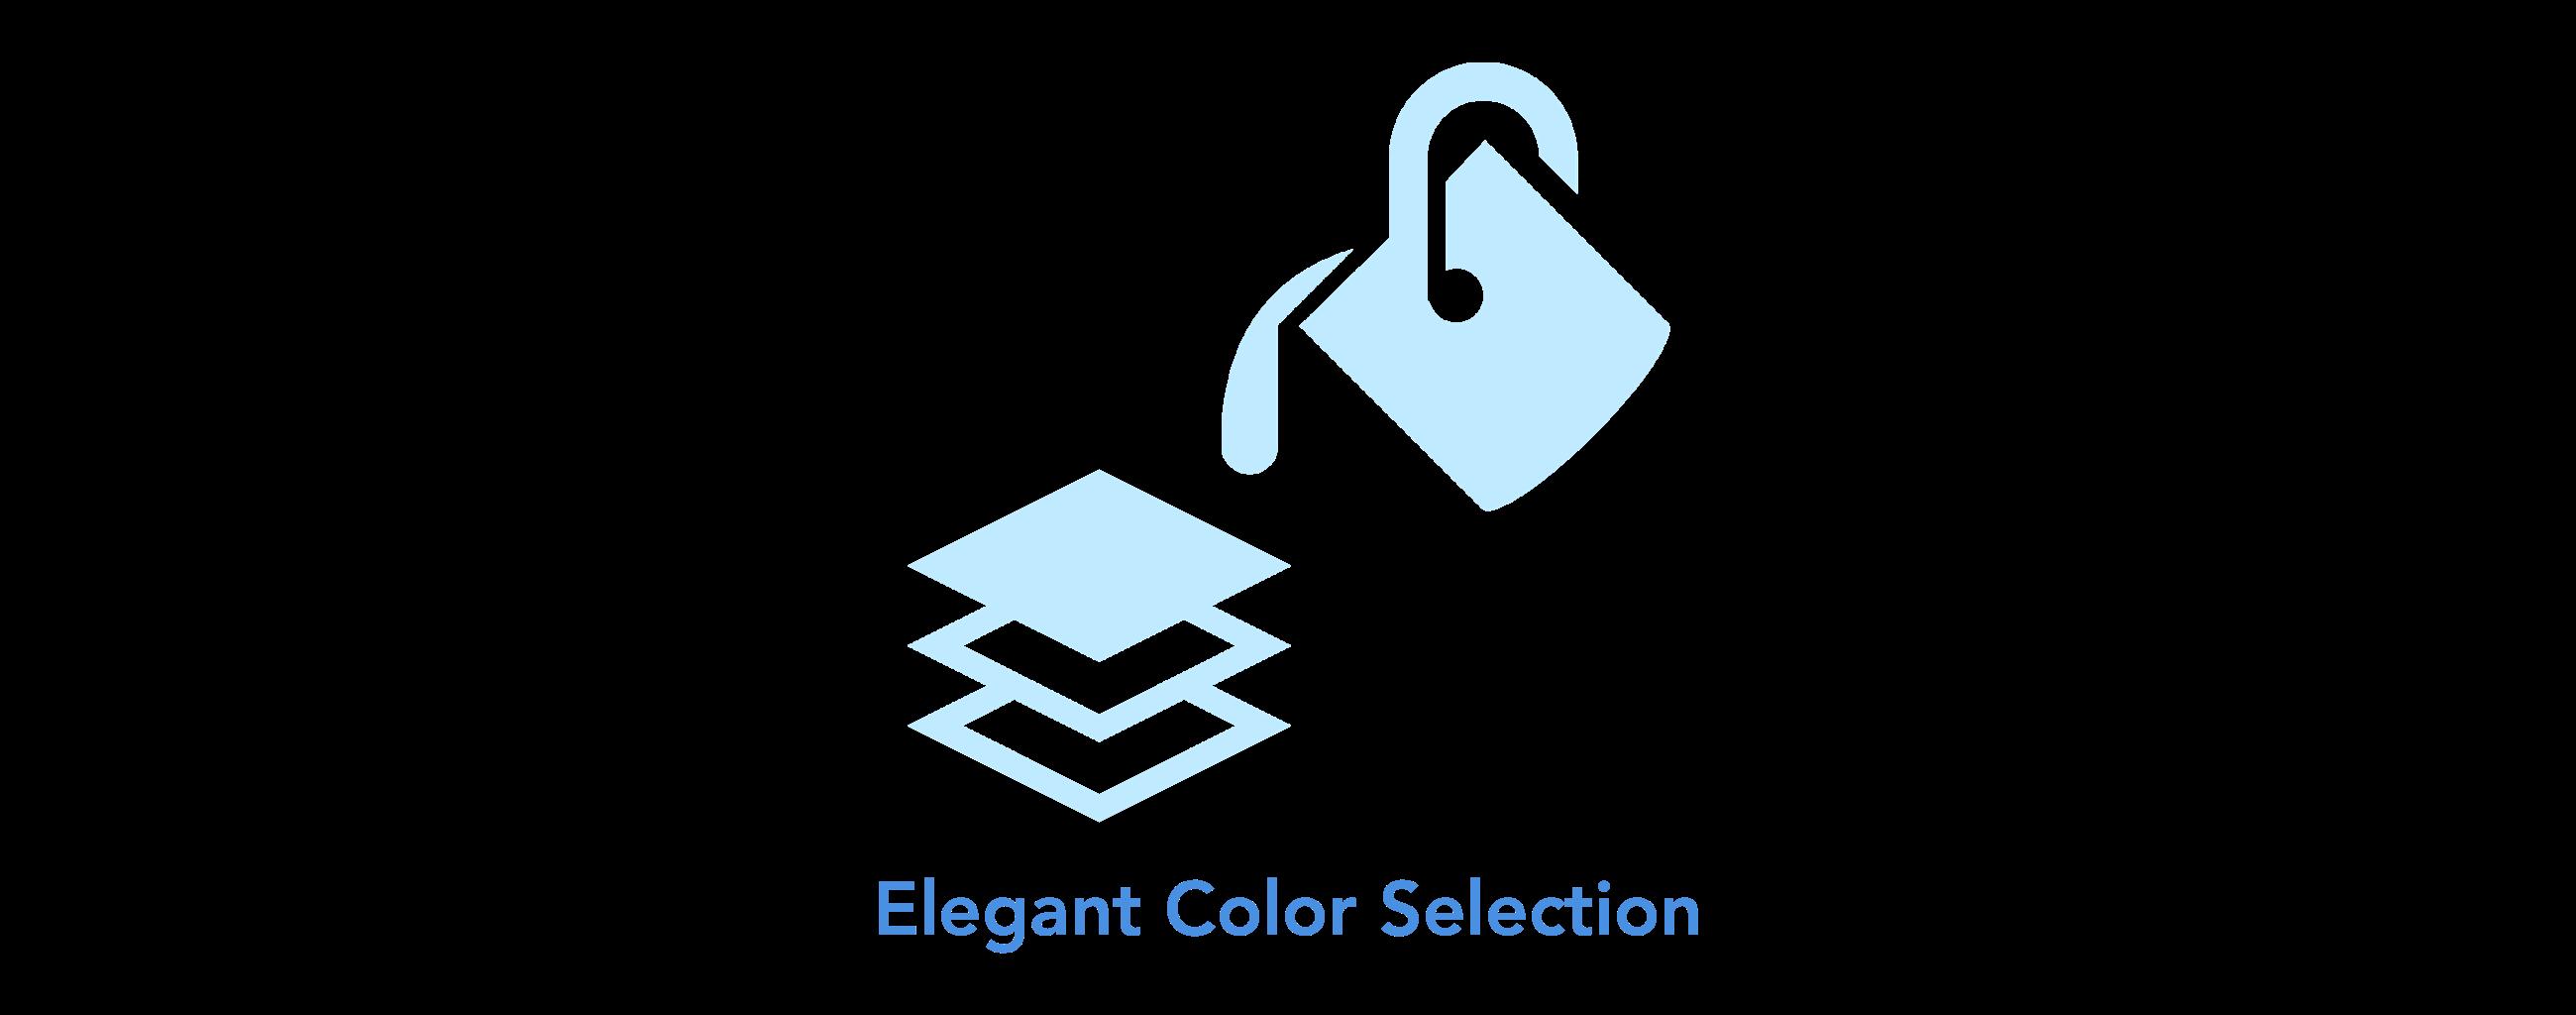 ColorPicker: Elegant Color Picking